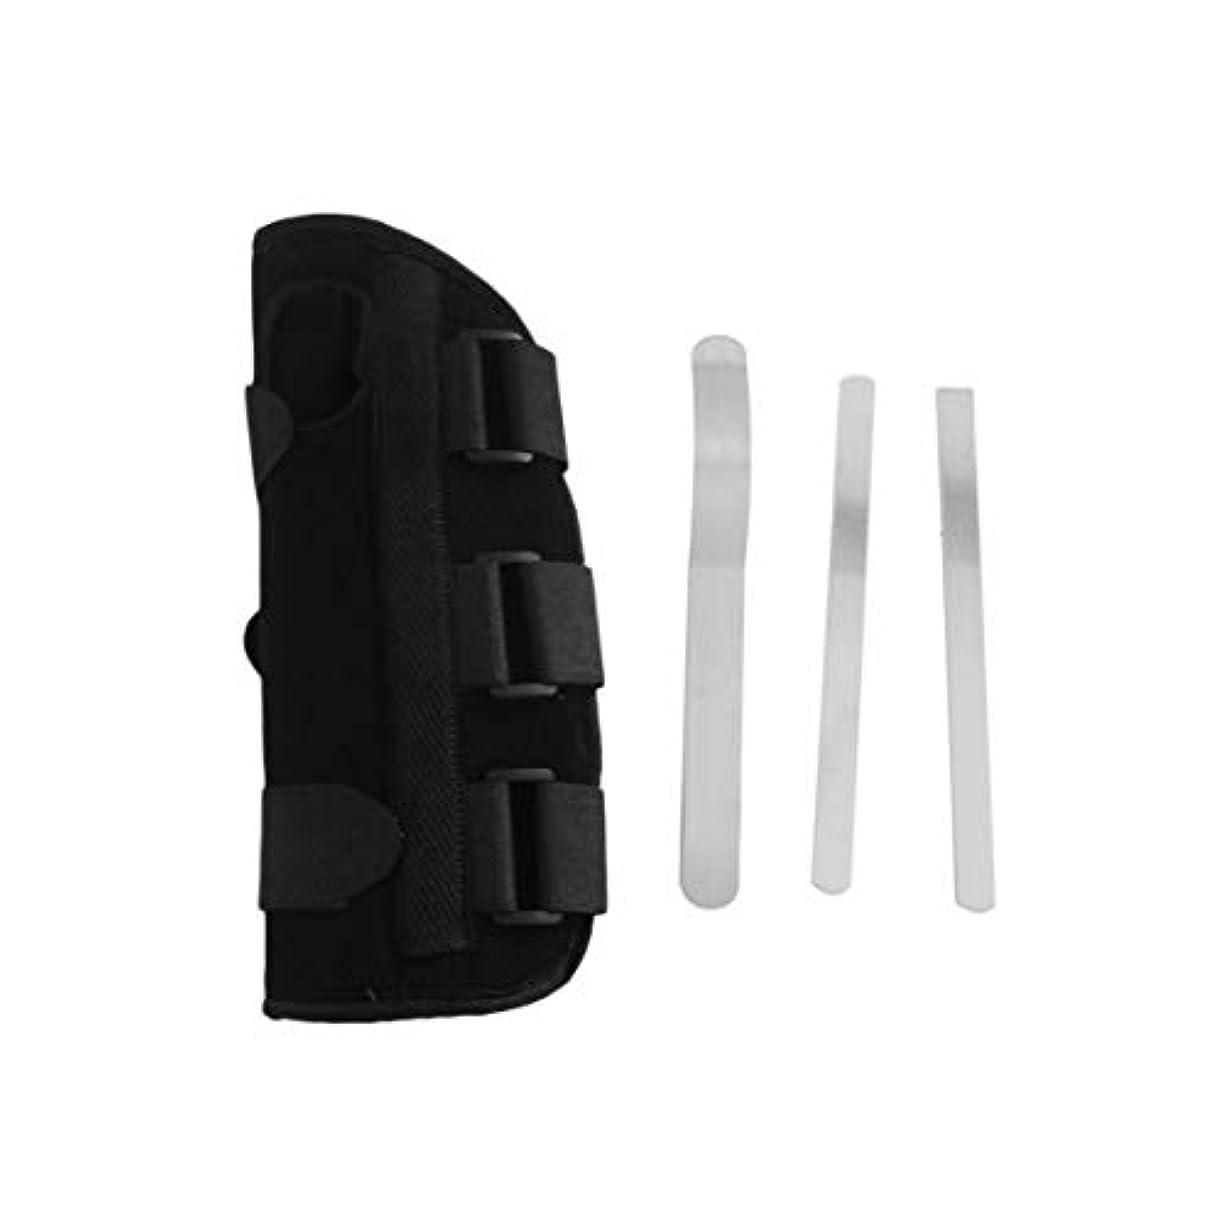 ゴミ苦しみ少なくともintercorey保護具手首副木ブレース保護サポートストラップカルペルトンネルCTS RSI痛み軽減リムーバブル副木快適な軽量ストラップ